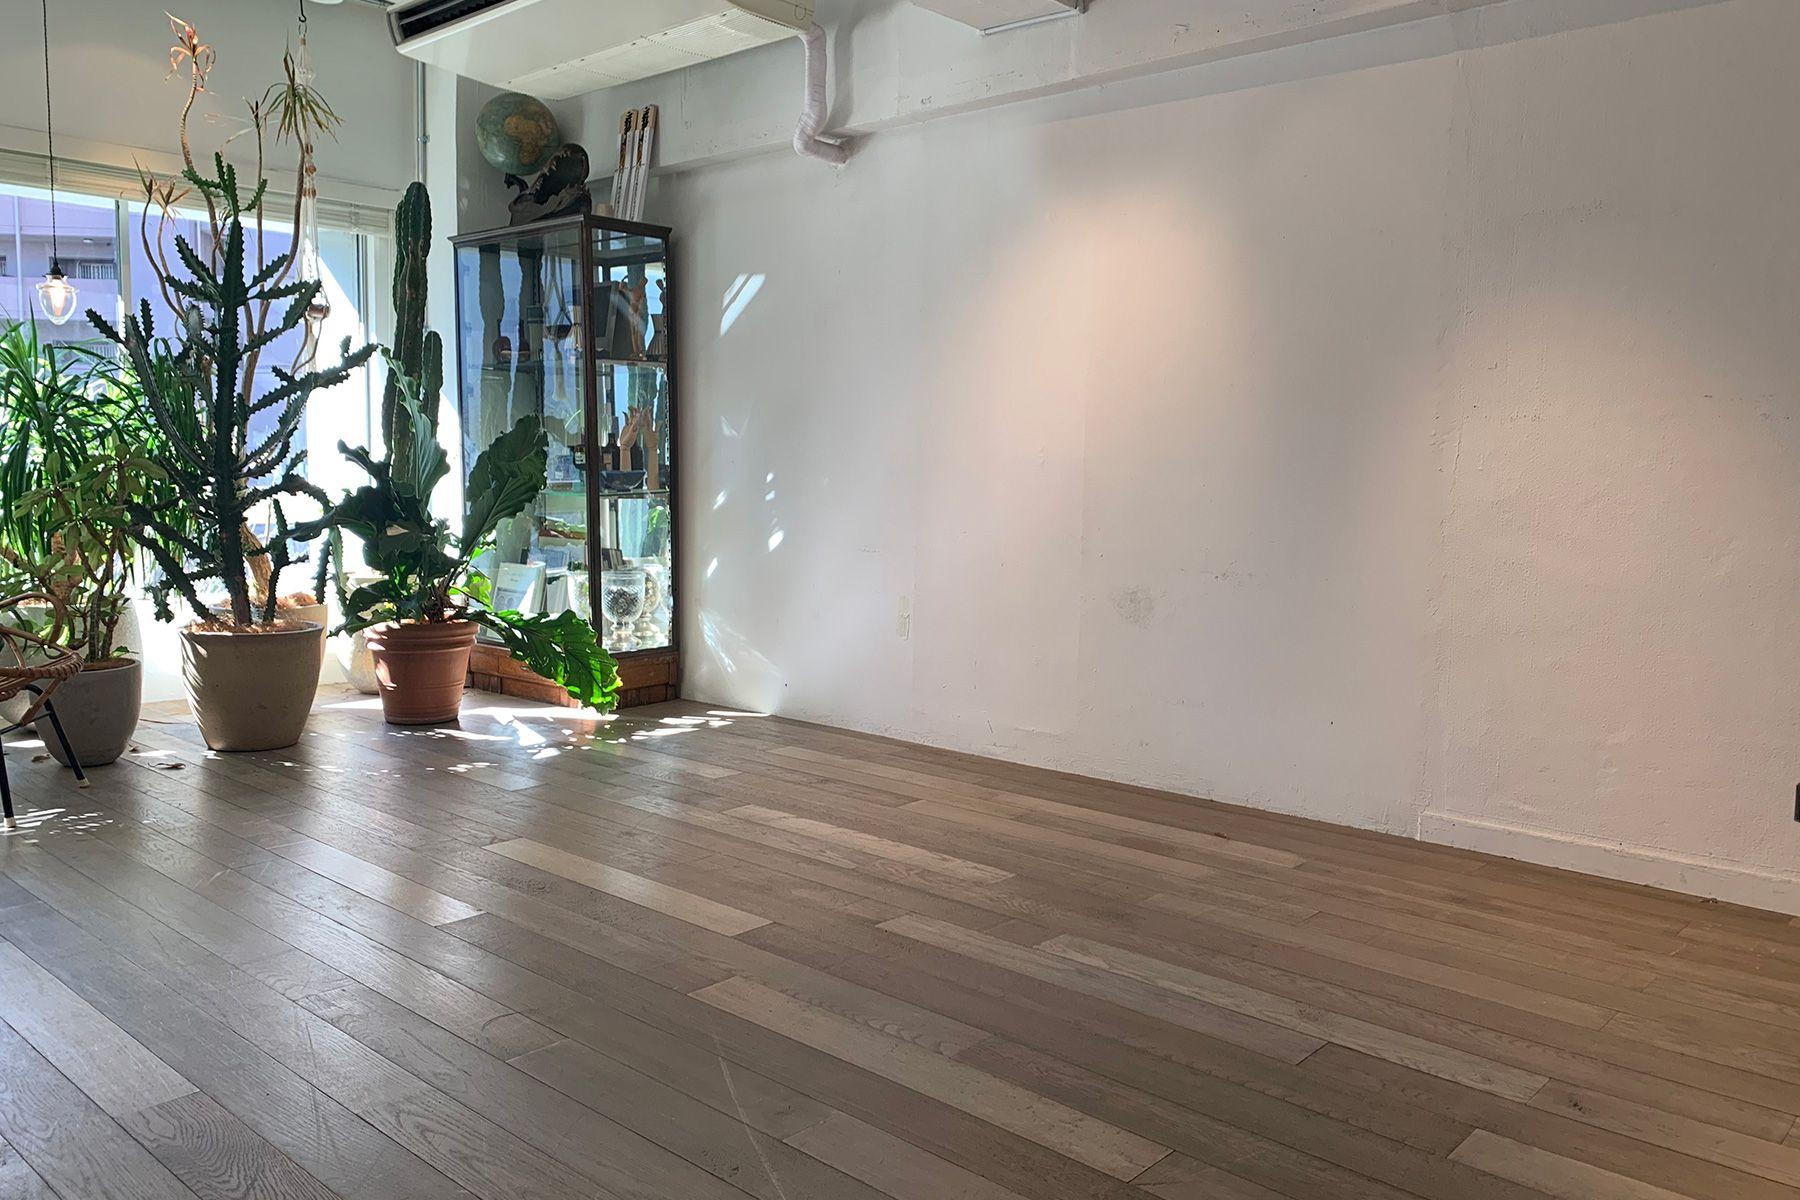 L-STUDIO 青葉台/オフィス (エル スタジオ)個室利用料金 ¥5,000/h(税抜)